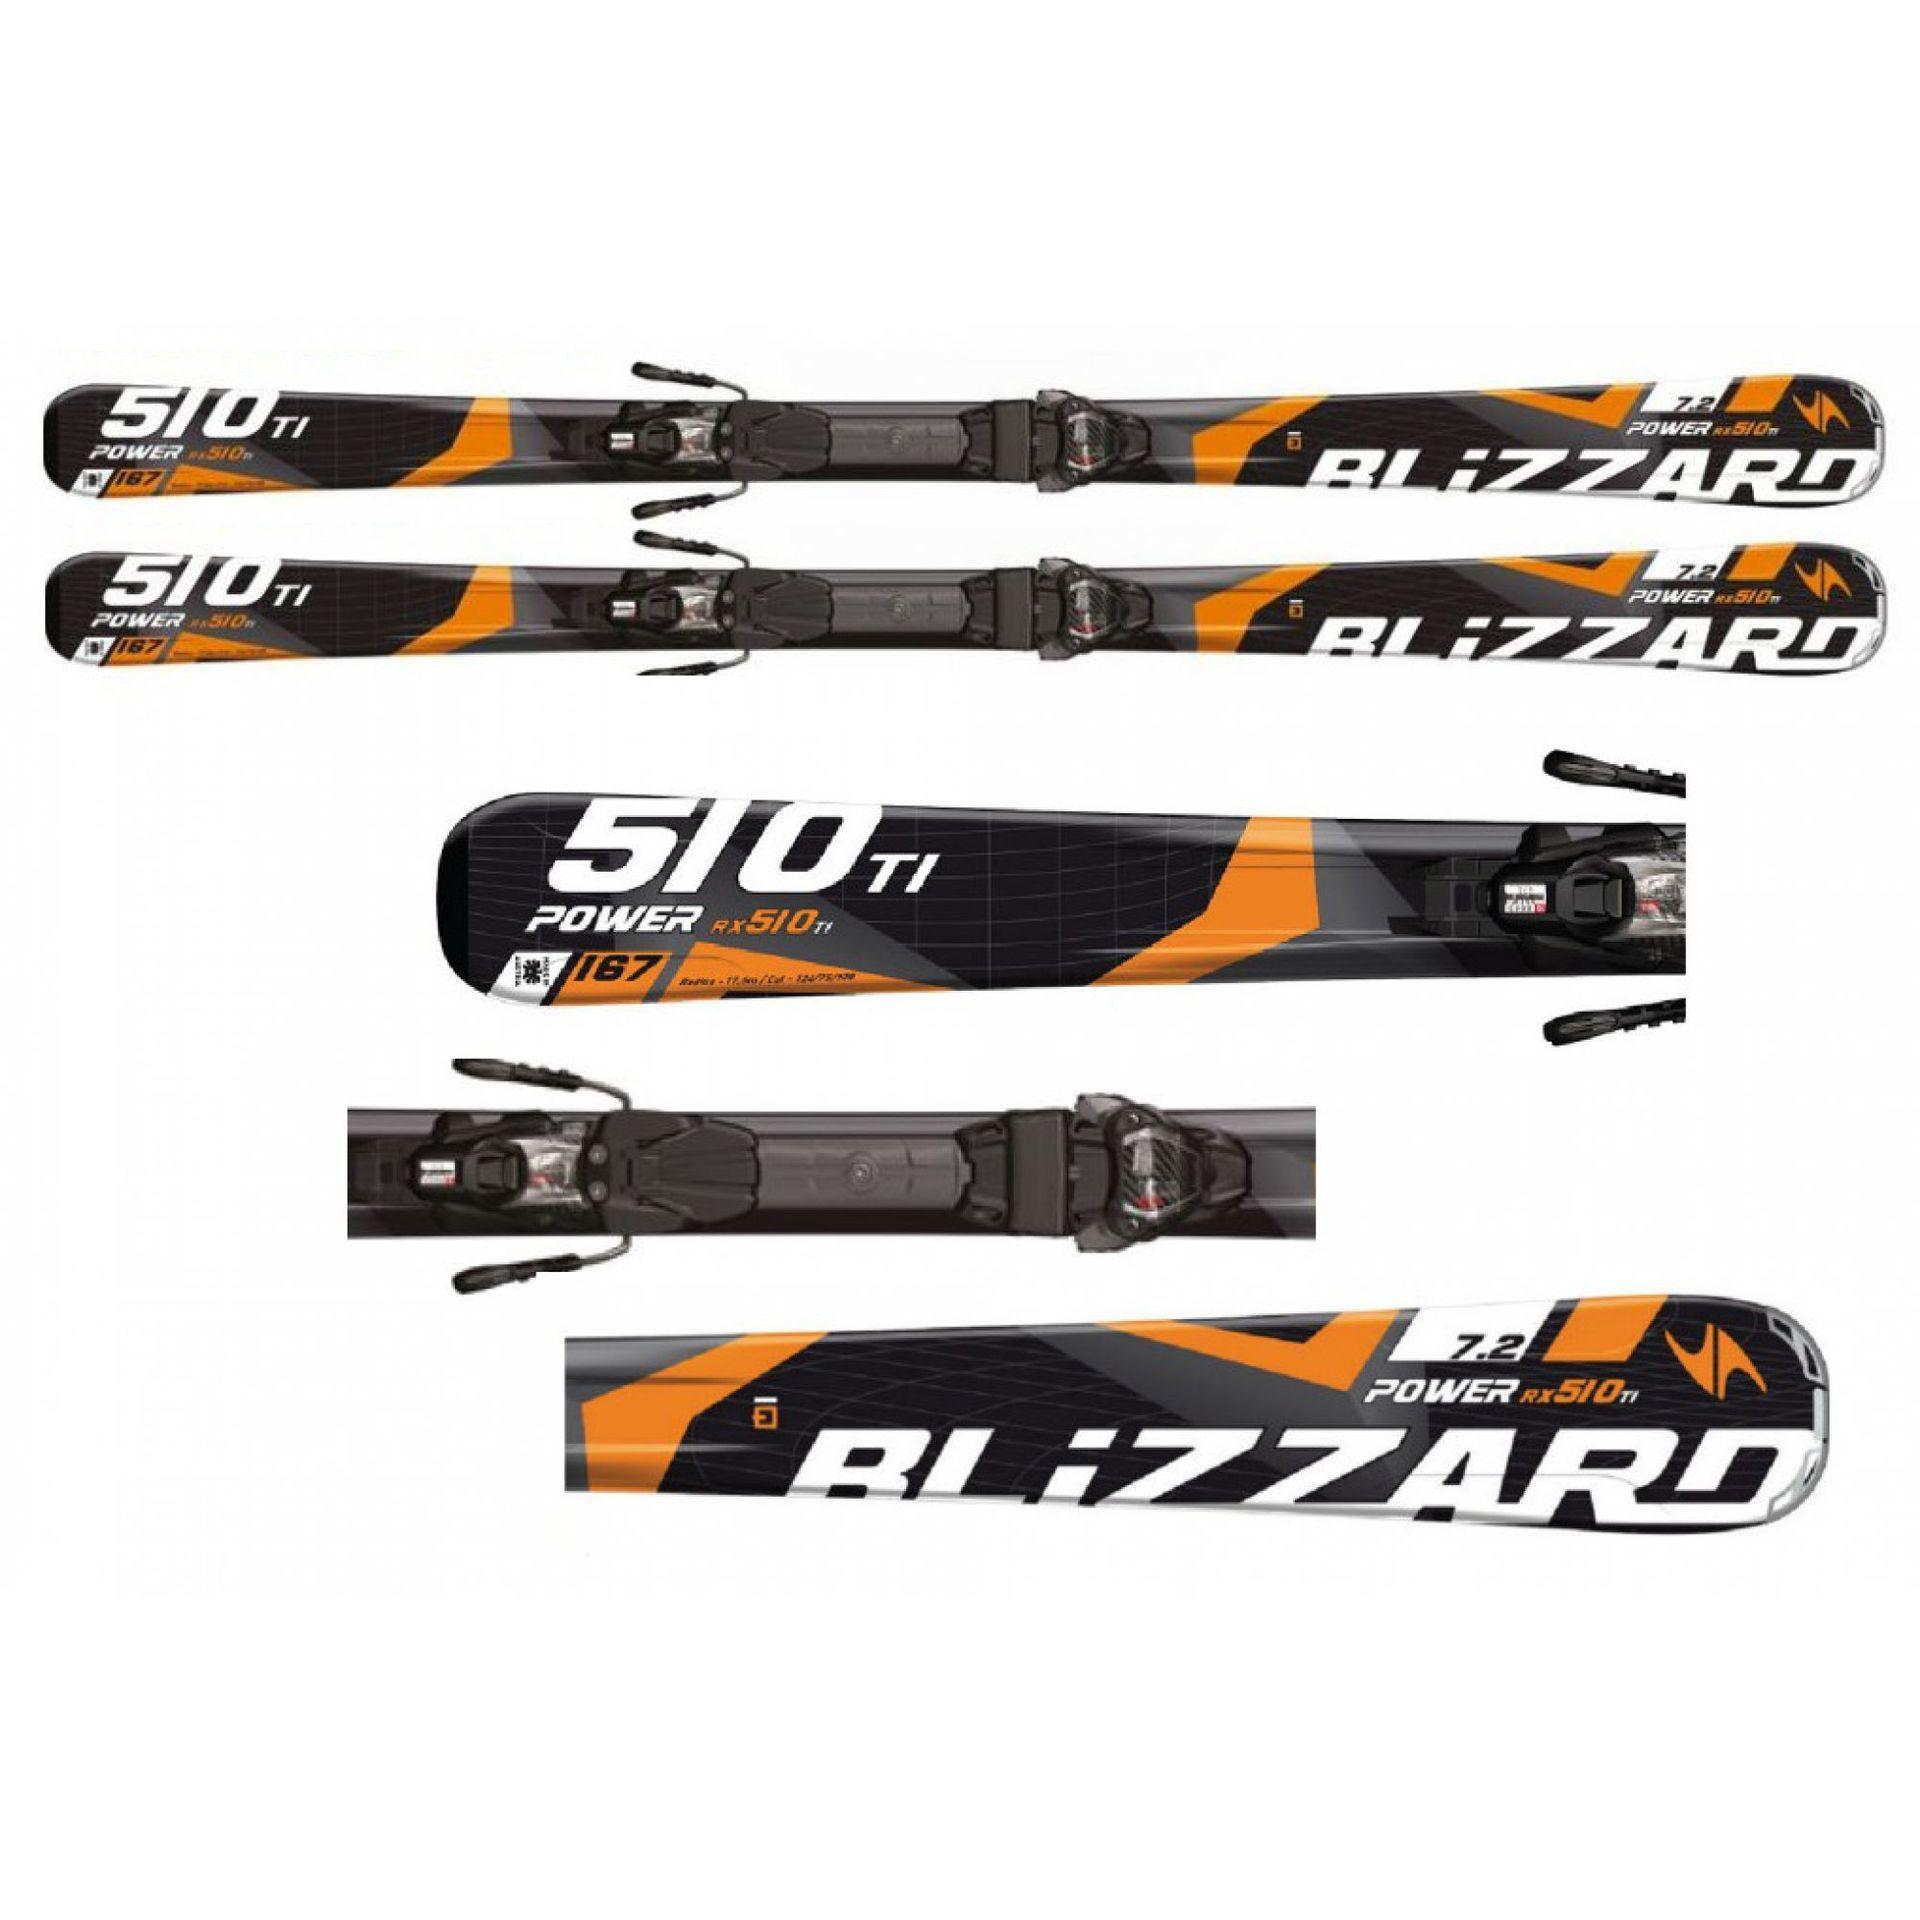 NARTY BLIZZARD POWER 510 RX IQ + WIĄZANIA IQ TP10